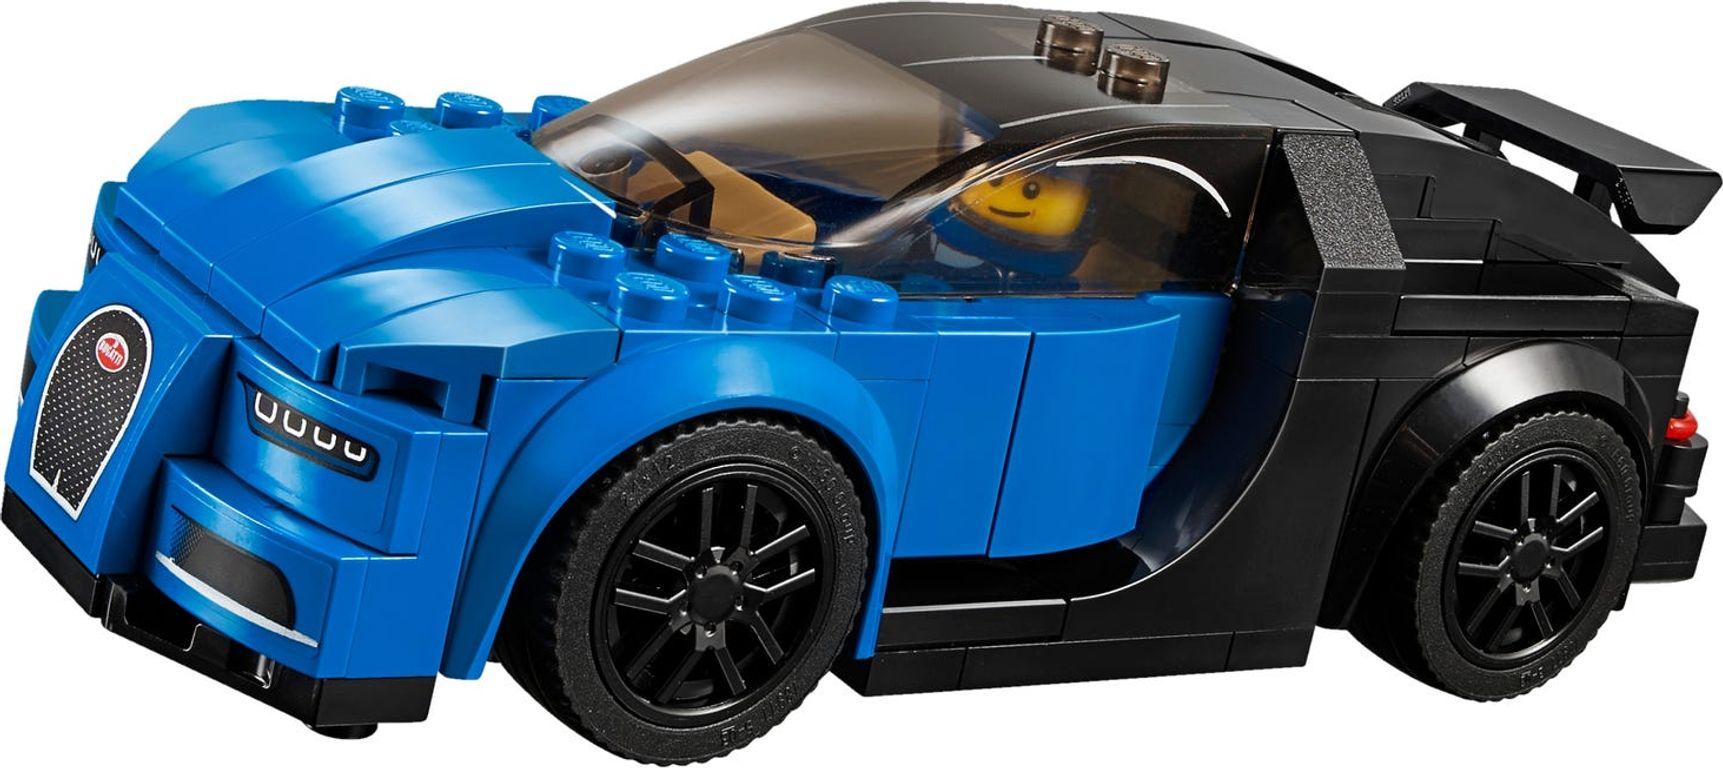 Bugatti Chiron gameplay